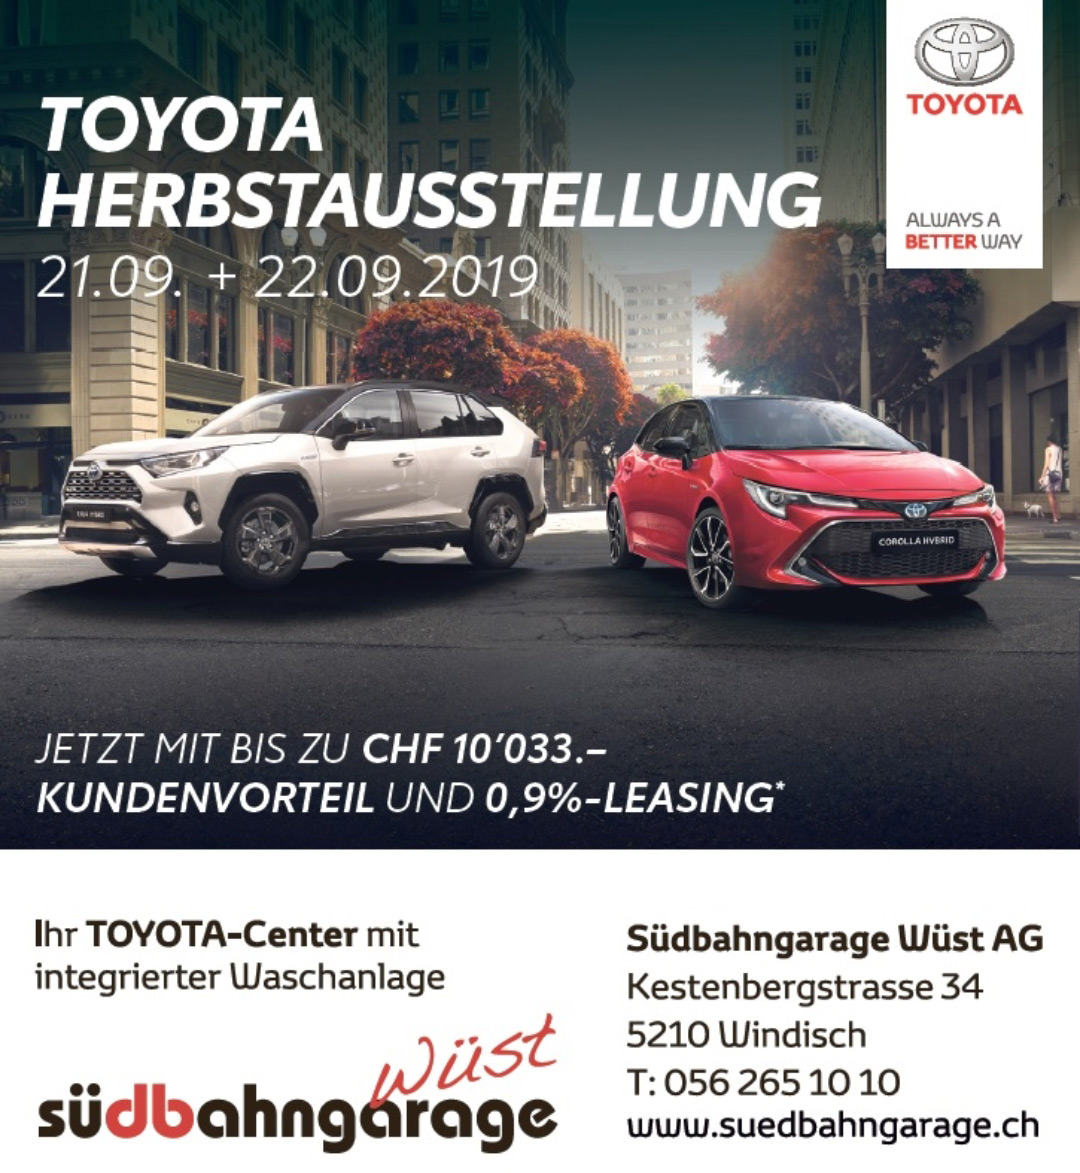 Toyota Herbstausstellung